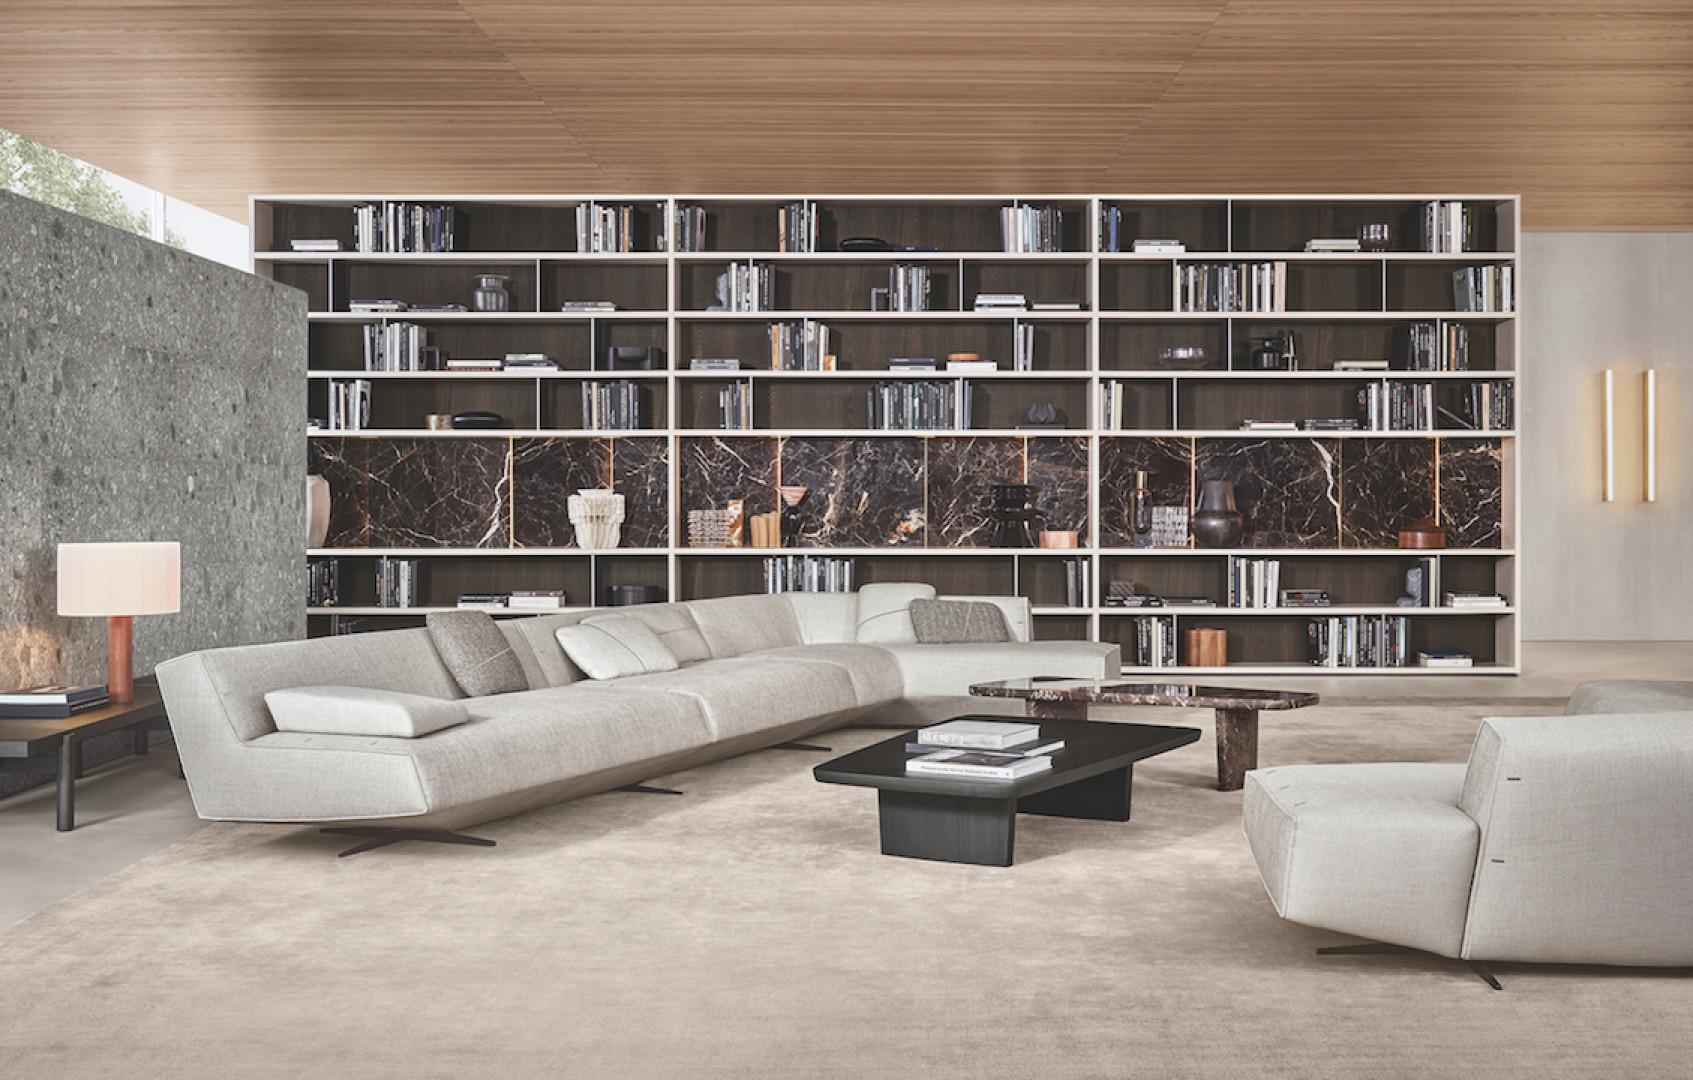 Biblioteka na całą ścianę? Dlaczego nie! Fot. Poliform/Studio Forma 96